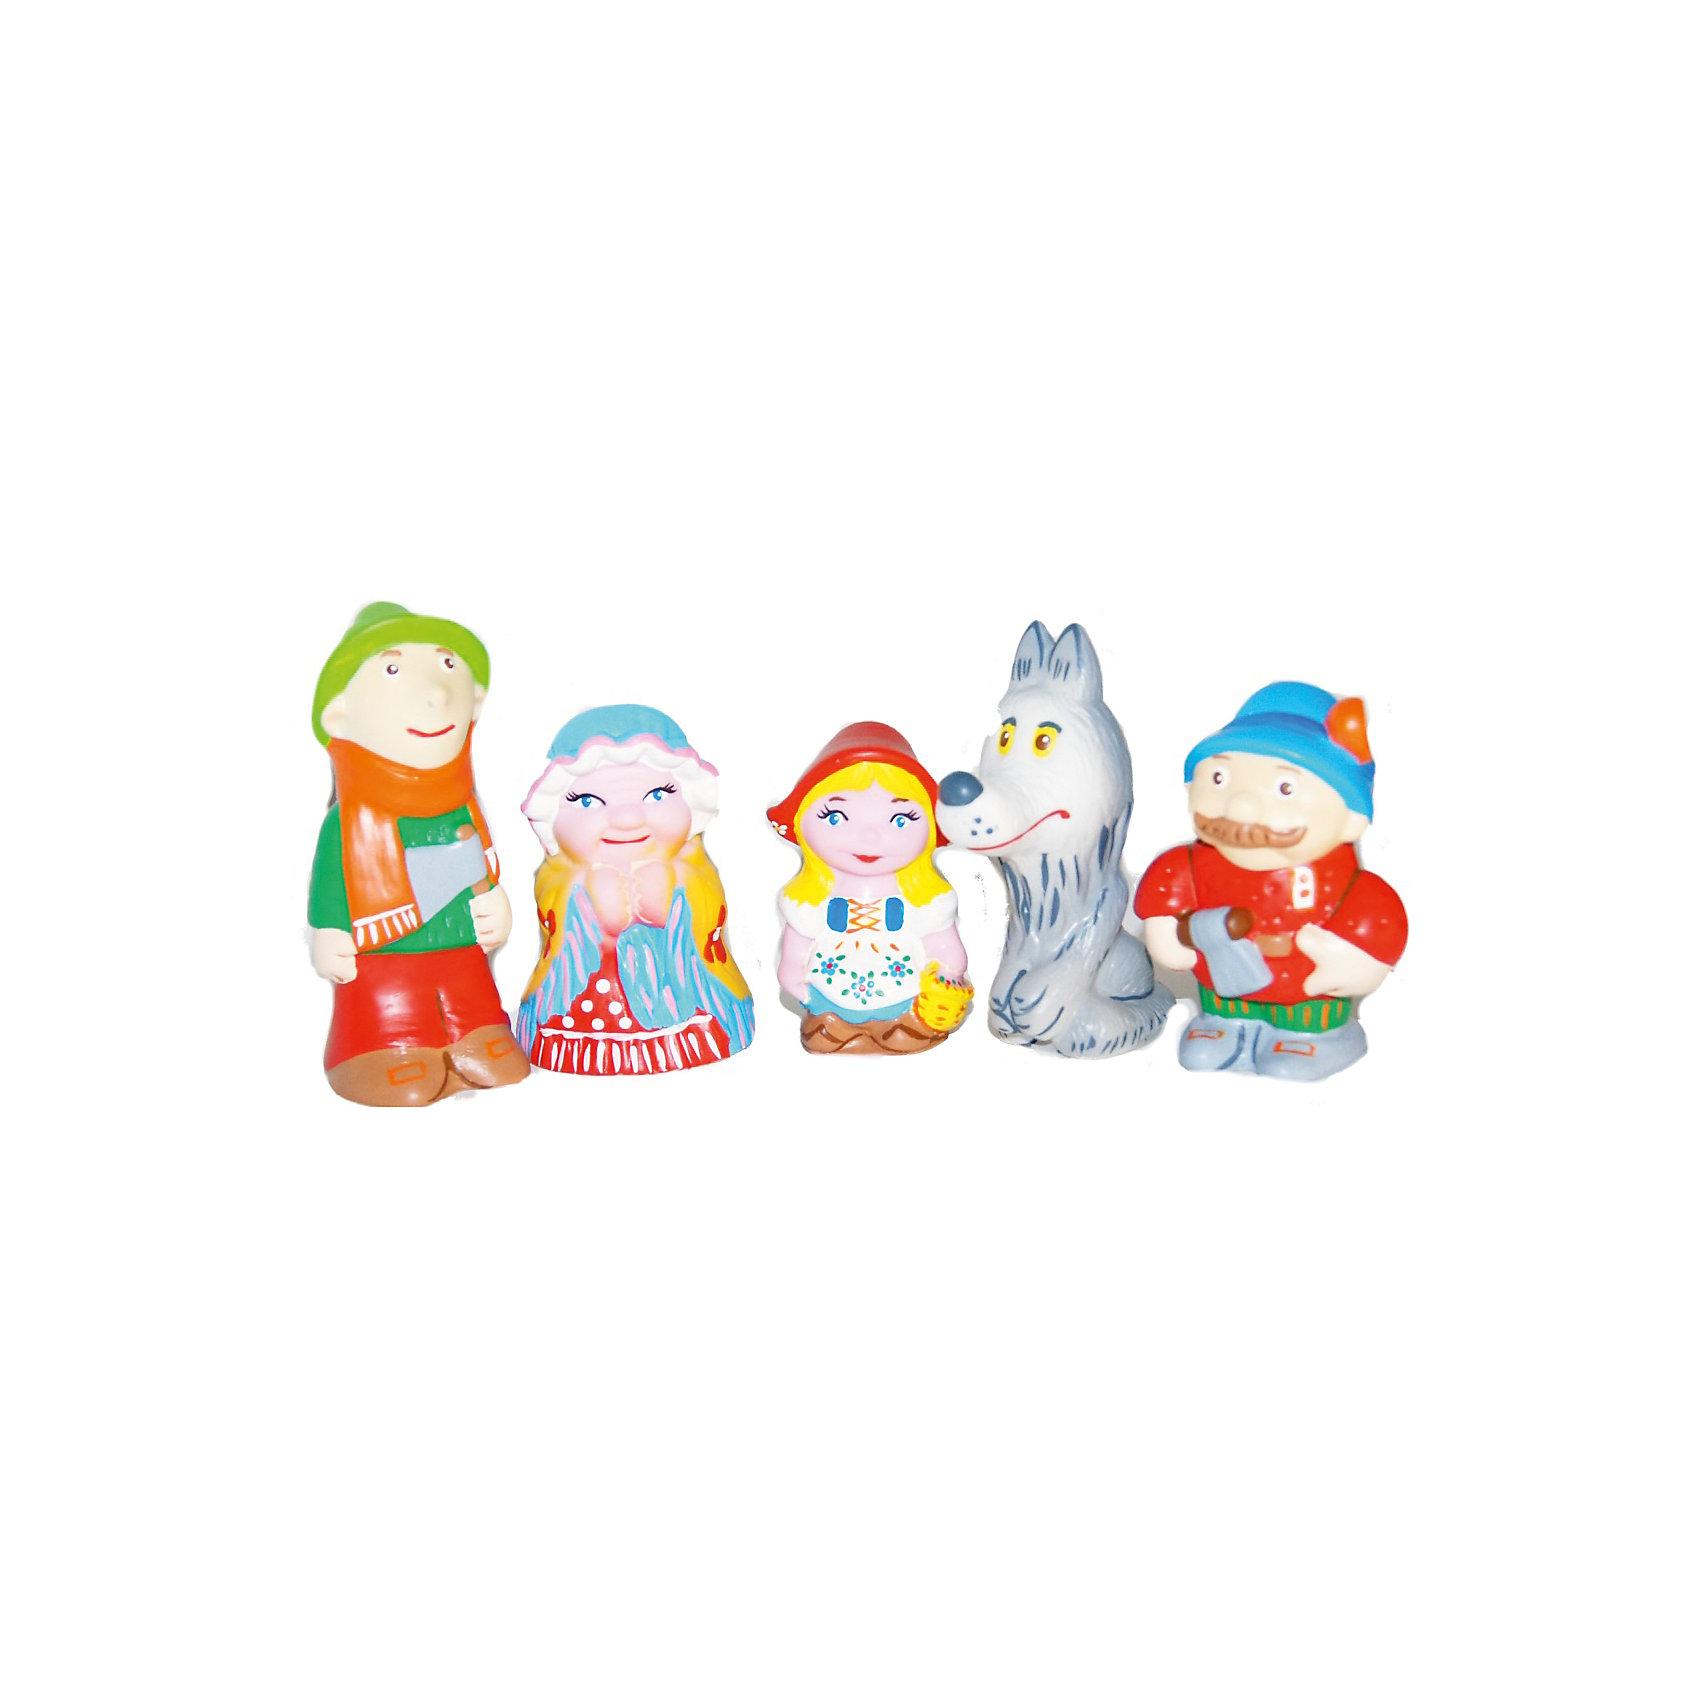 Набор Красная шапочка, КудесникиНабор Красная шапочка, Кудесники.<br><br>Характеристики:<br><br>• Материал: ПВХ.<br>• В набор входят: Бабушка, Красная Шапочка, волк, 2 дровосека. <br> <br>Отличный игровой набор, выполнен из мягкого ПВХ. Такие игрушки надолго займут внимание вашего малыша. Эти игрушки помогут малышу при прорезывании зубов, помогут развивать моторику рук, знакомить с формой, цветом, образами также с ними можно забавно поиграть в ванной. Яркие образы любимых героев помогут ребенку придумывать различные сюжетно-ролевые игры.<br><br>Набор Красная шапочка, Кудесники, можно купить в нашем интернет – магазине.<br><br>Ширина мм: 180<br>Глубина мм: 180<br>Высота мм: 75<br>Вес г: 135<br>Возраст от месяцев: 12<br>Возраст до месяцев: 36<br>Пол: Унисекс<br>Возраст: Детский<br>SKU: 4896433